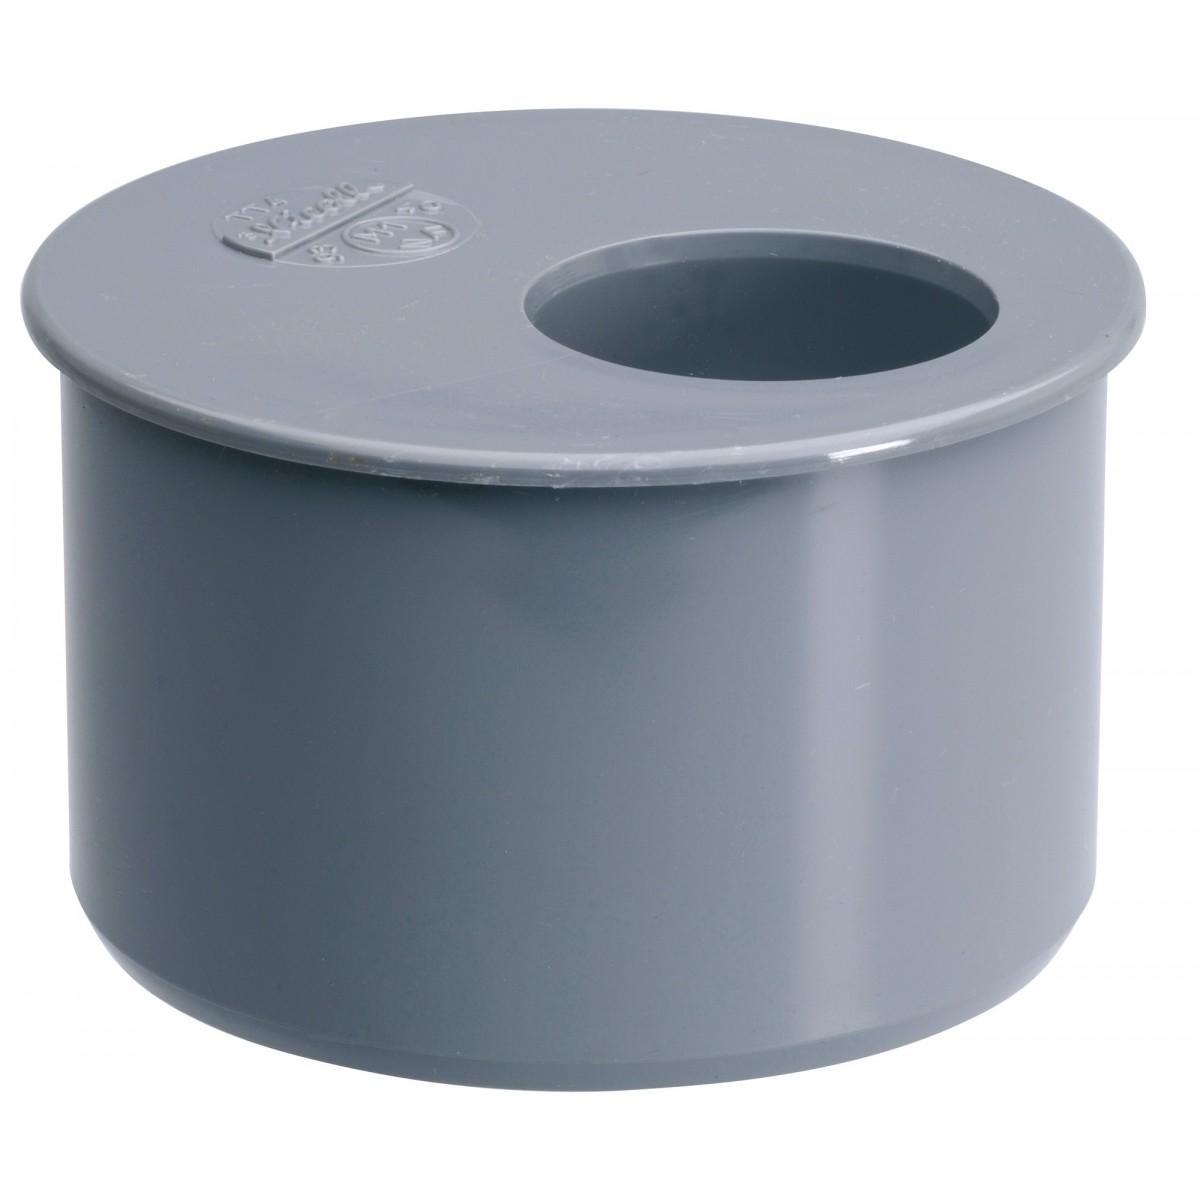 Tampon de réduction 1 piquage Mâle / Femelle Girpi - Diamètre 125 - 100 mm